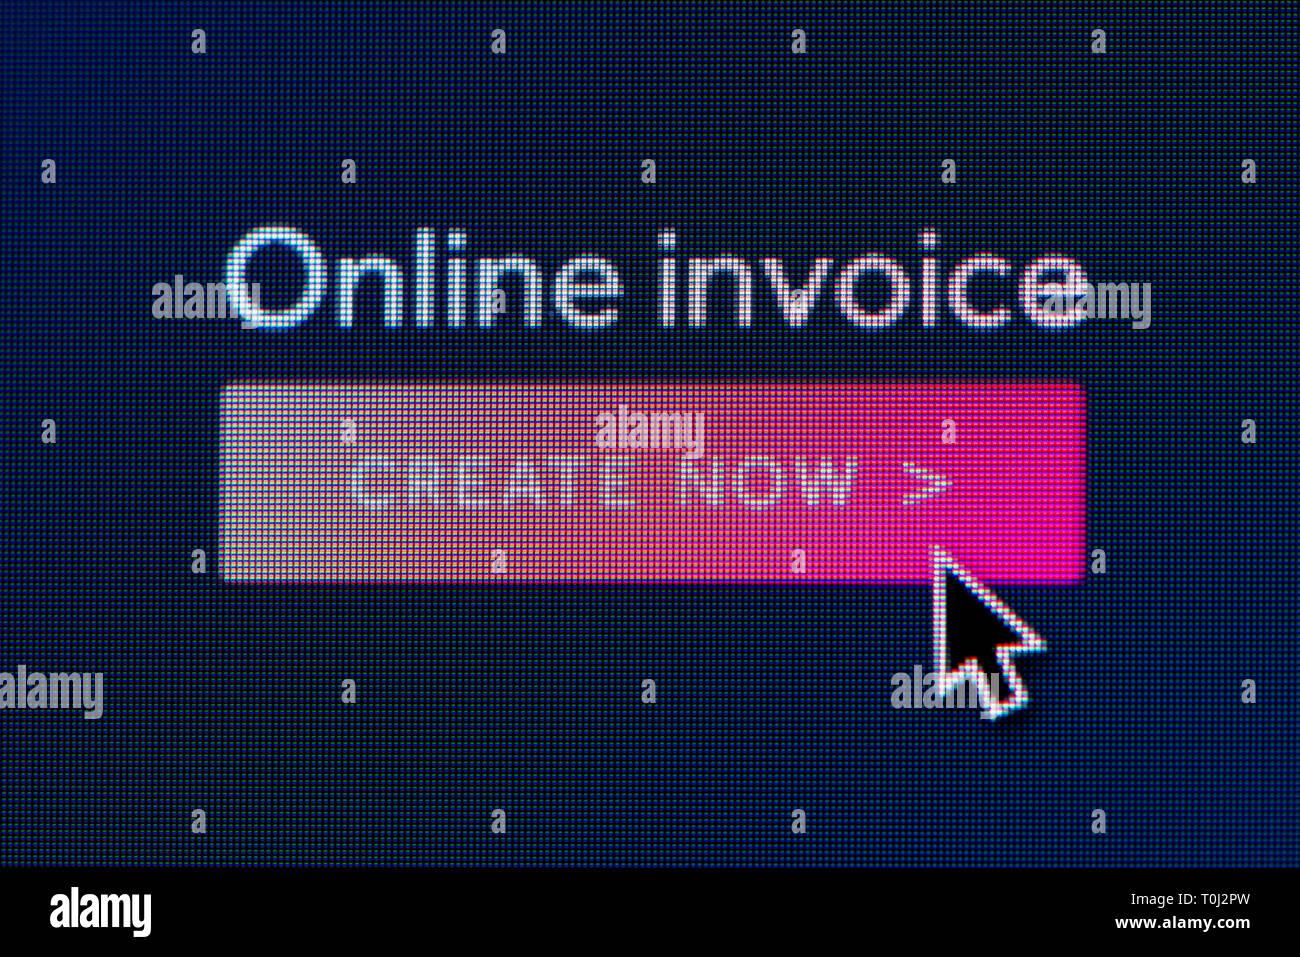 La solicitud para crear una línea de factura es visto en una pantalla de ordenador junto con el cursor del ratón (uso Editorial solamente) Imagen De Stock